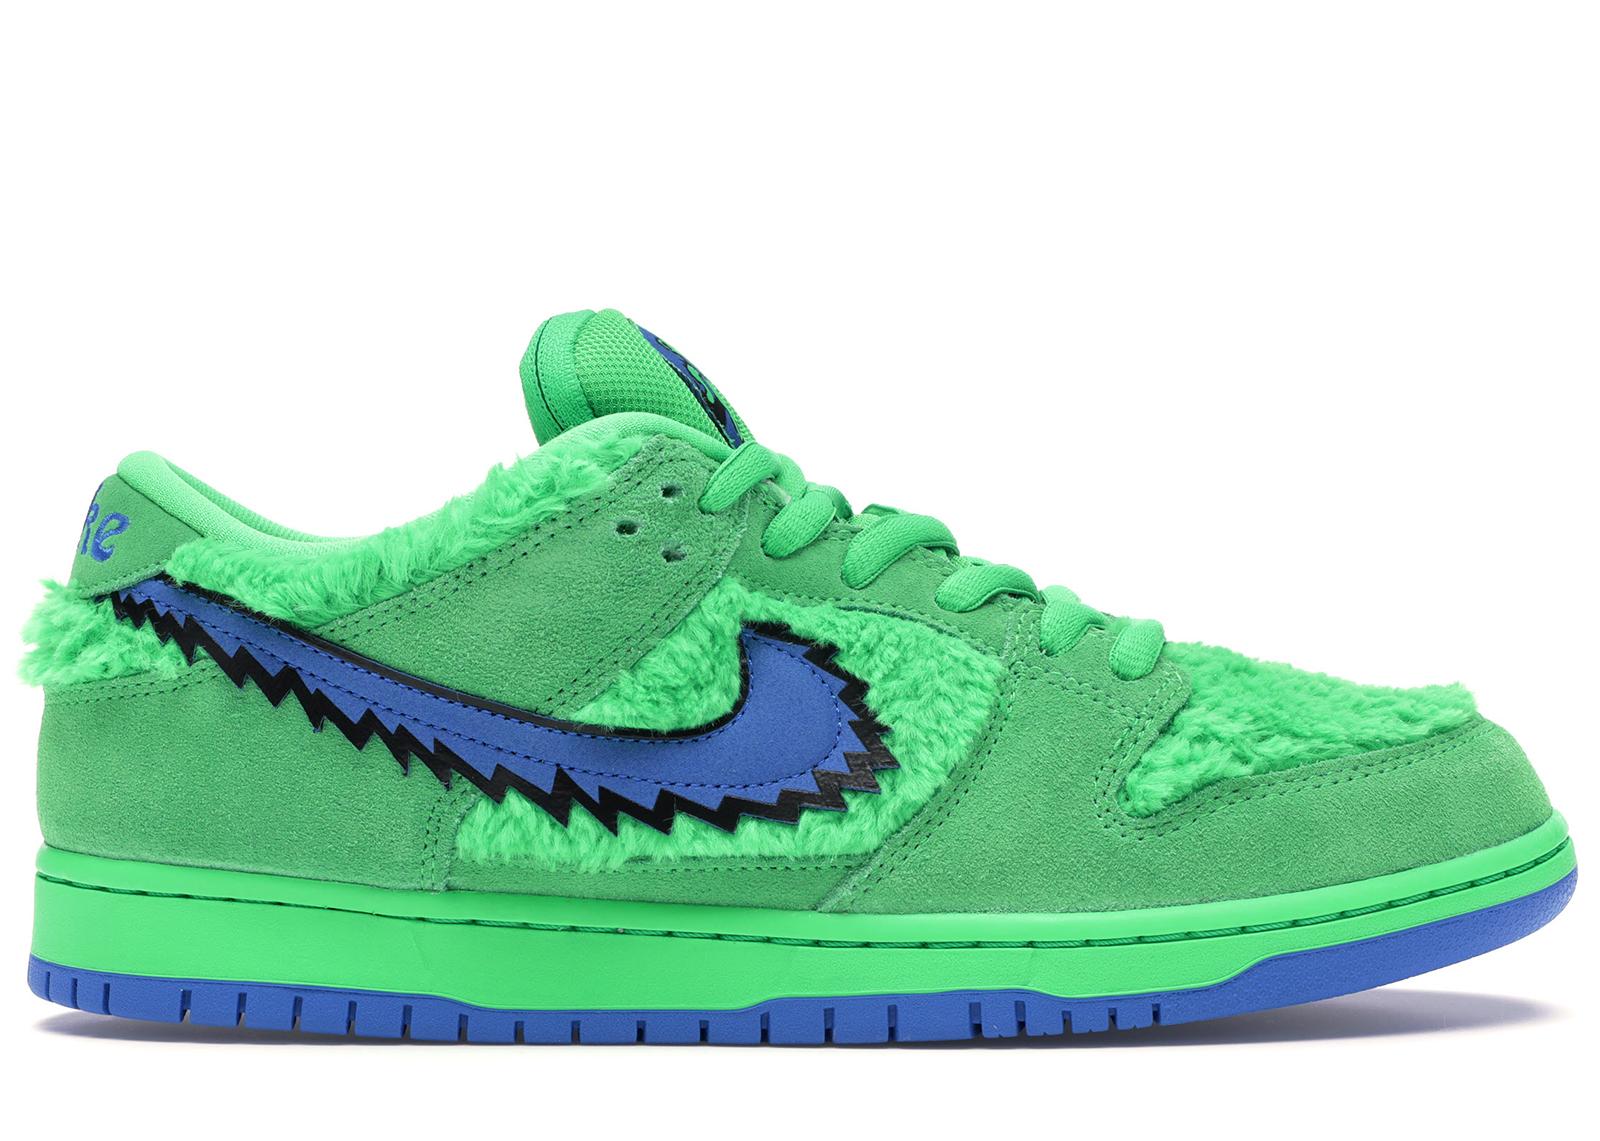 Nike SB Dunk Low Grateful Dead Bears Green